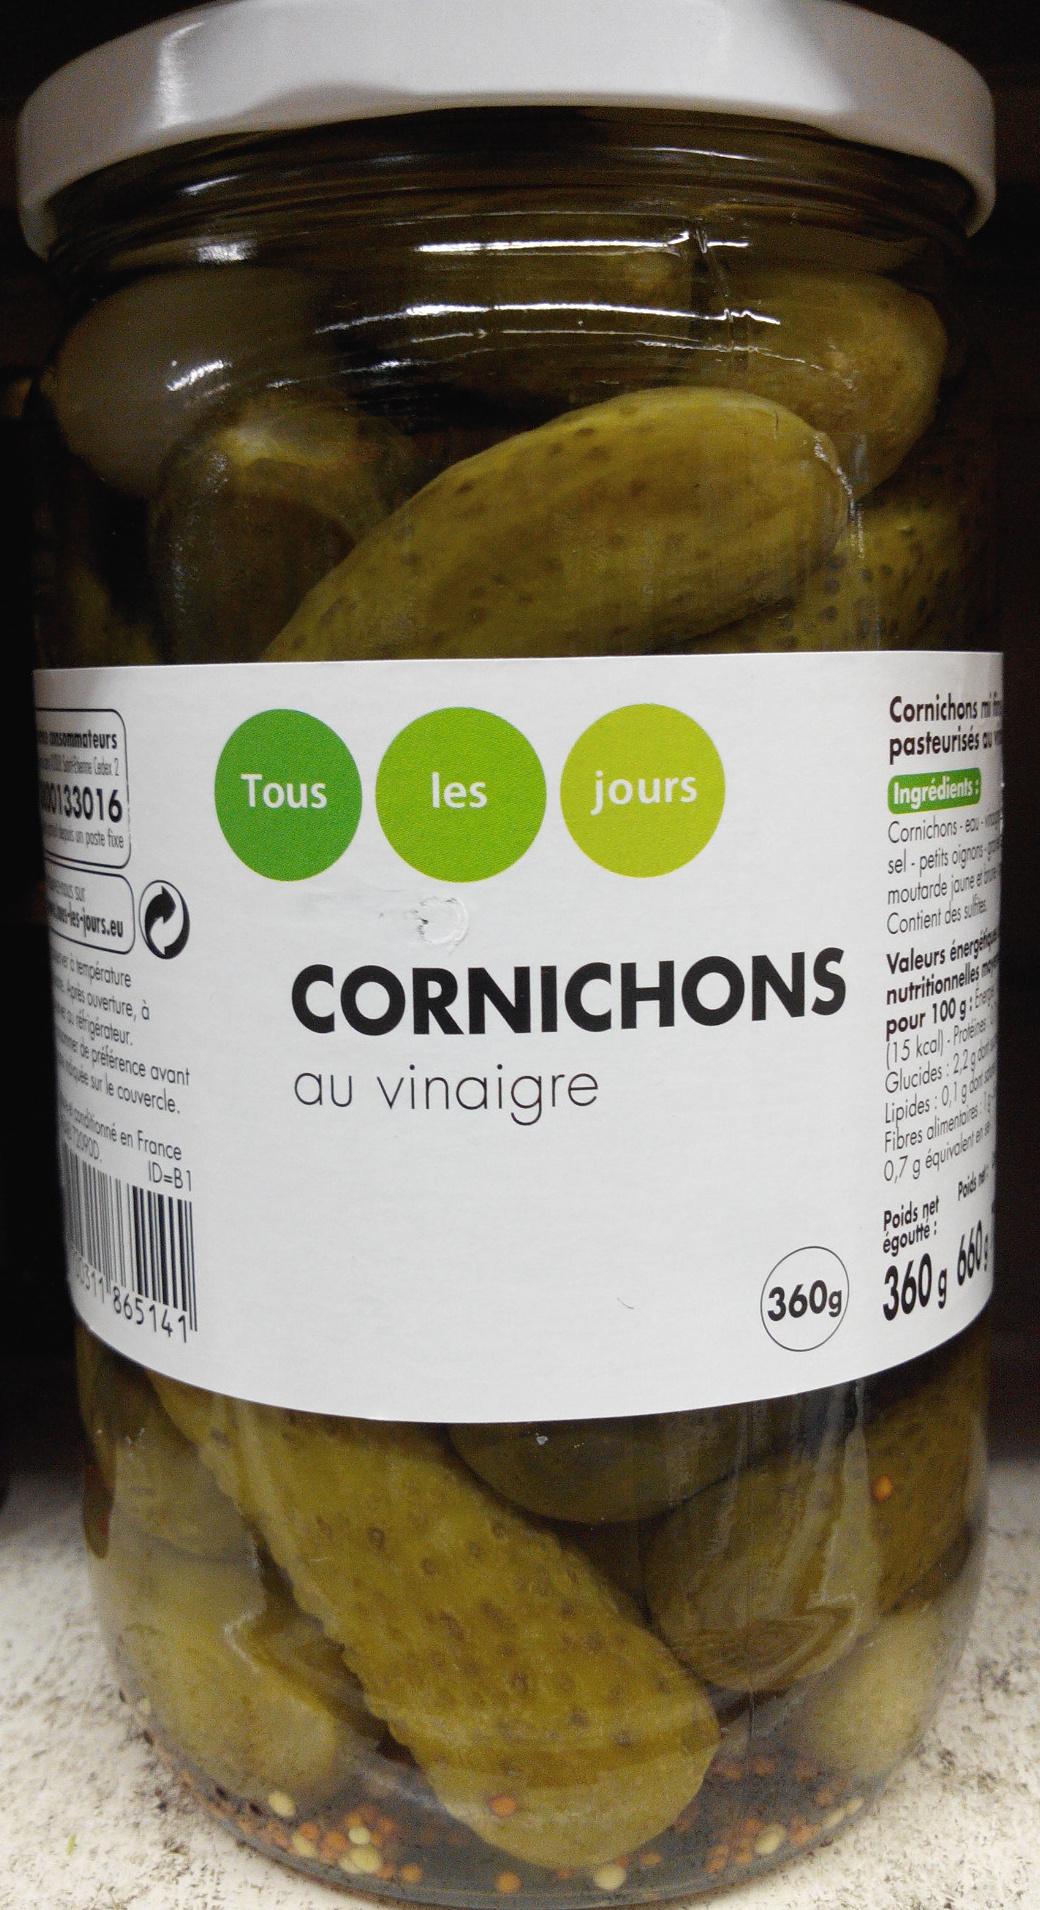 Cornichons au vinaigre - Product